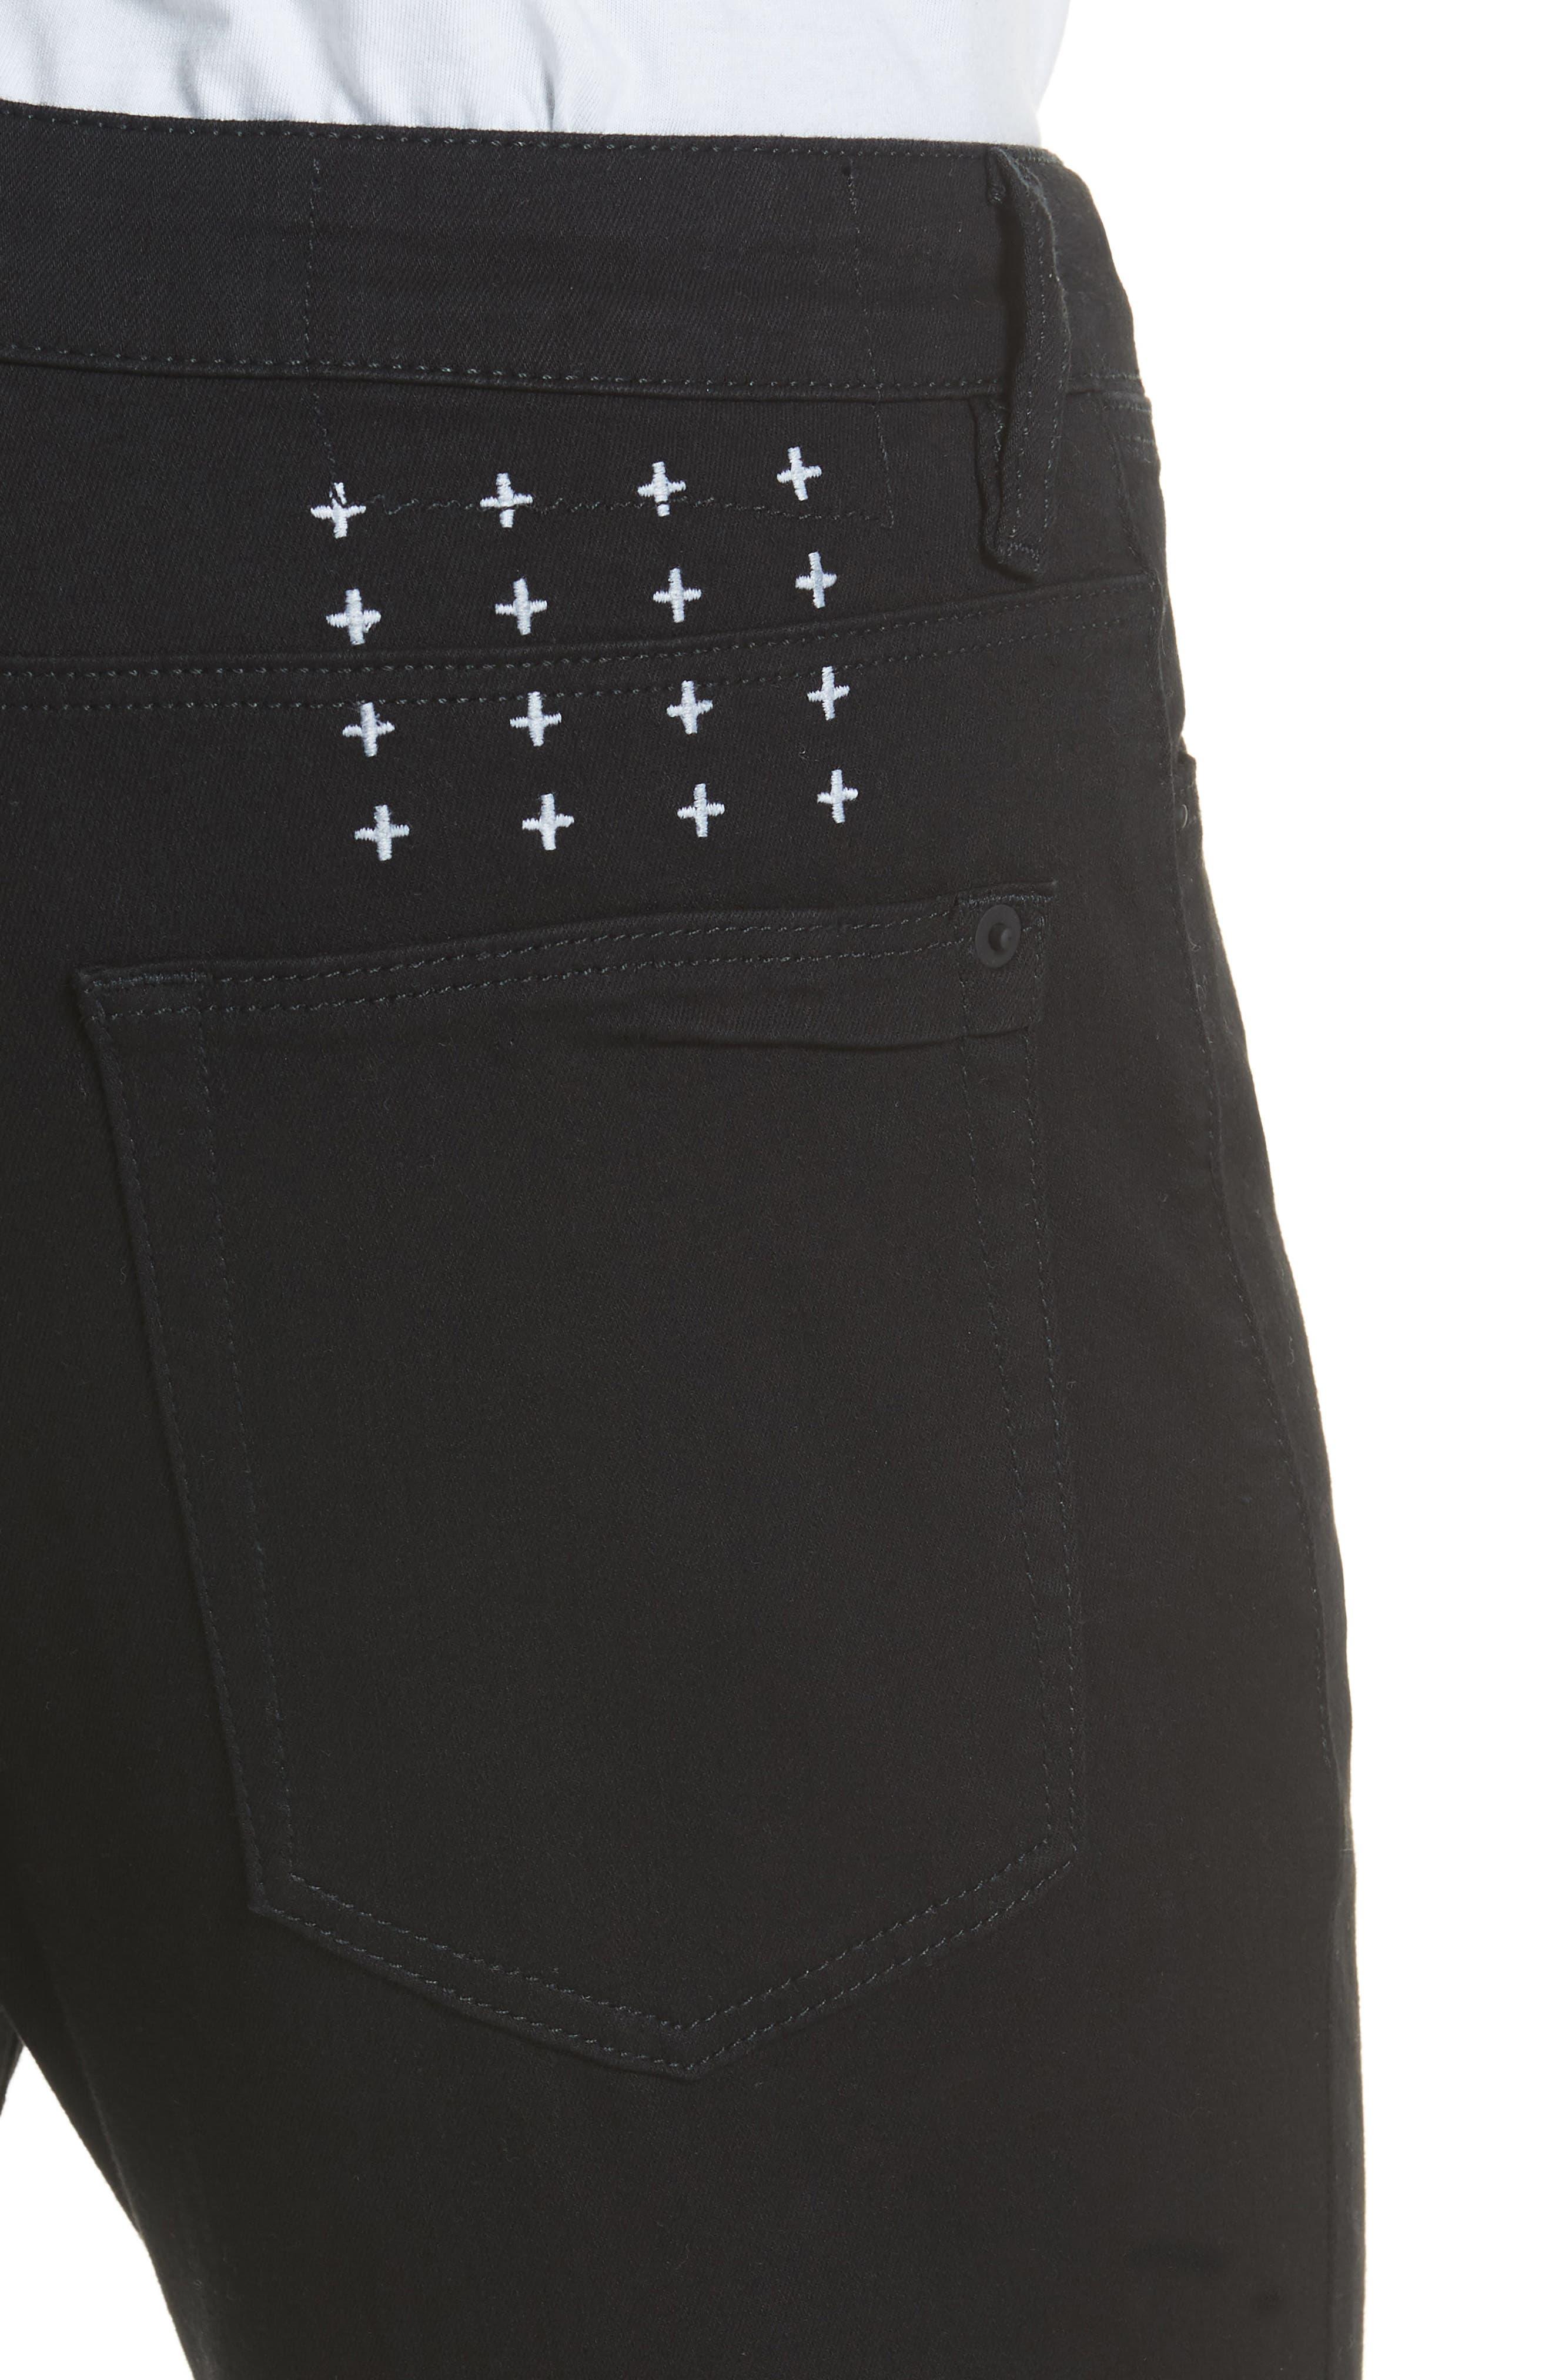 Van Winkle Black Rebel Skinny Fit Jeans,                             Alternate thumbnail 4, color,                             Black